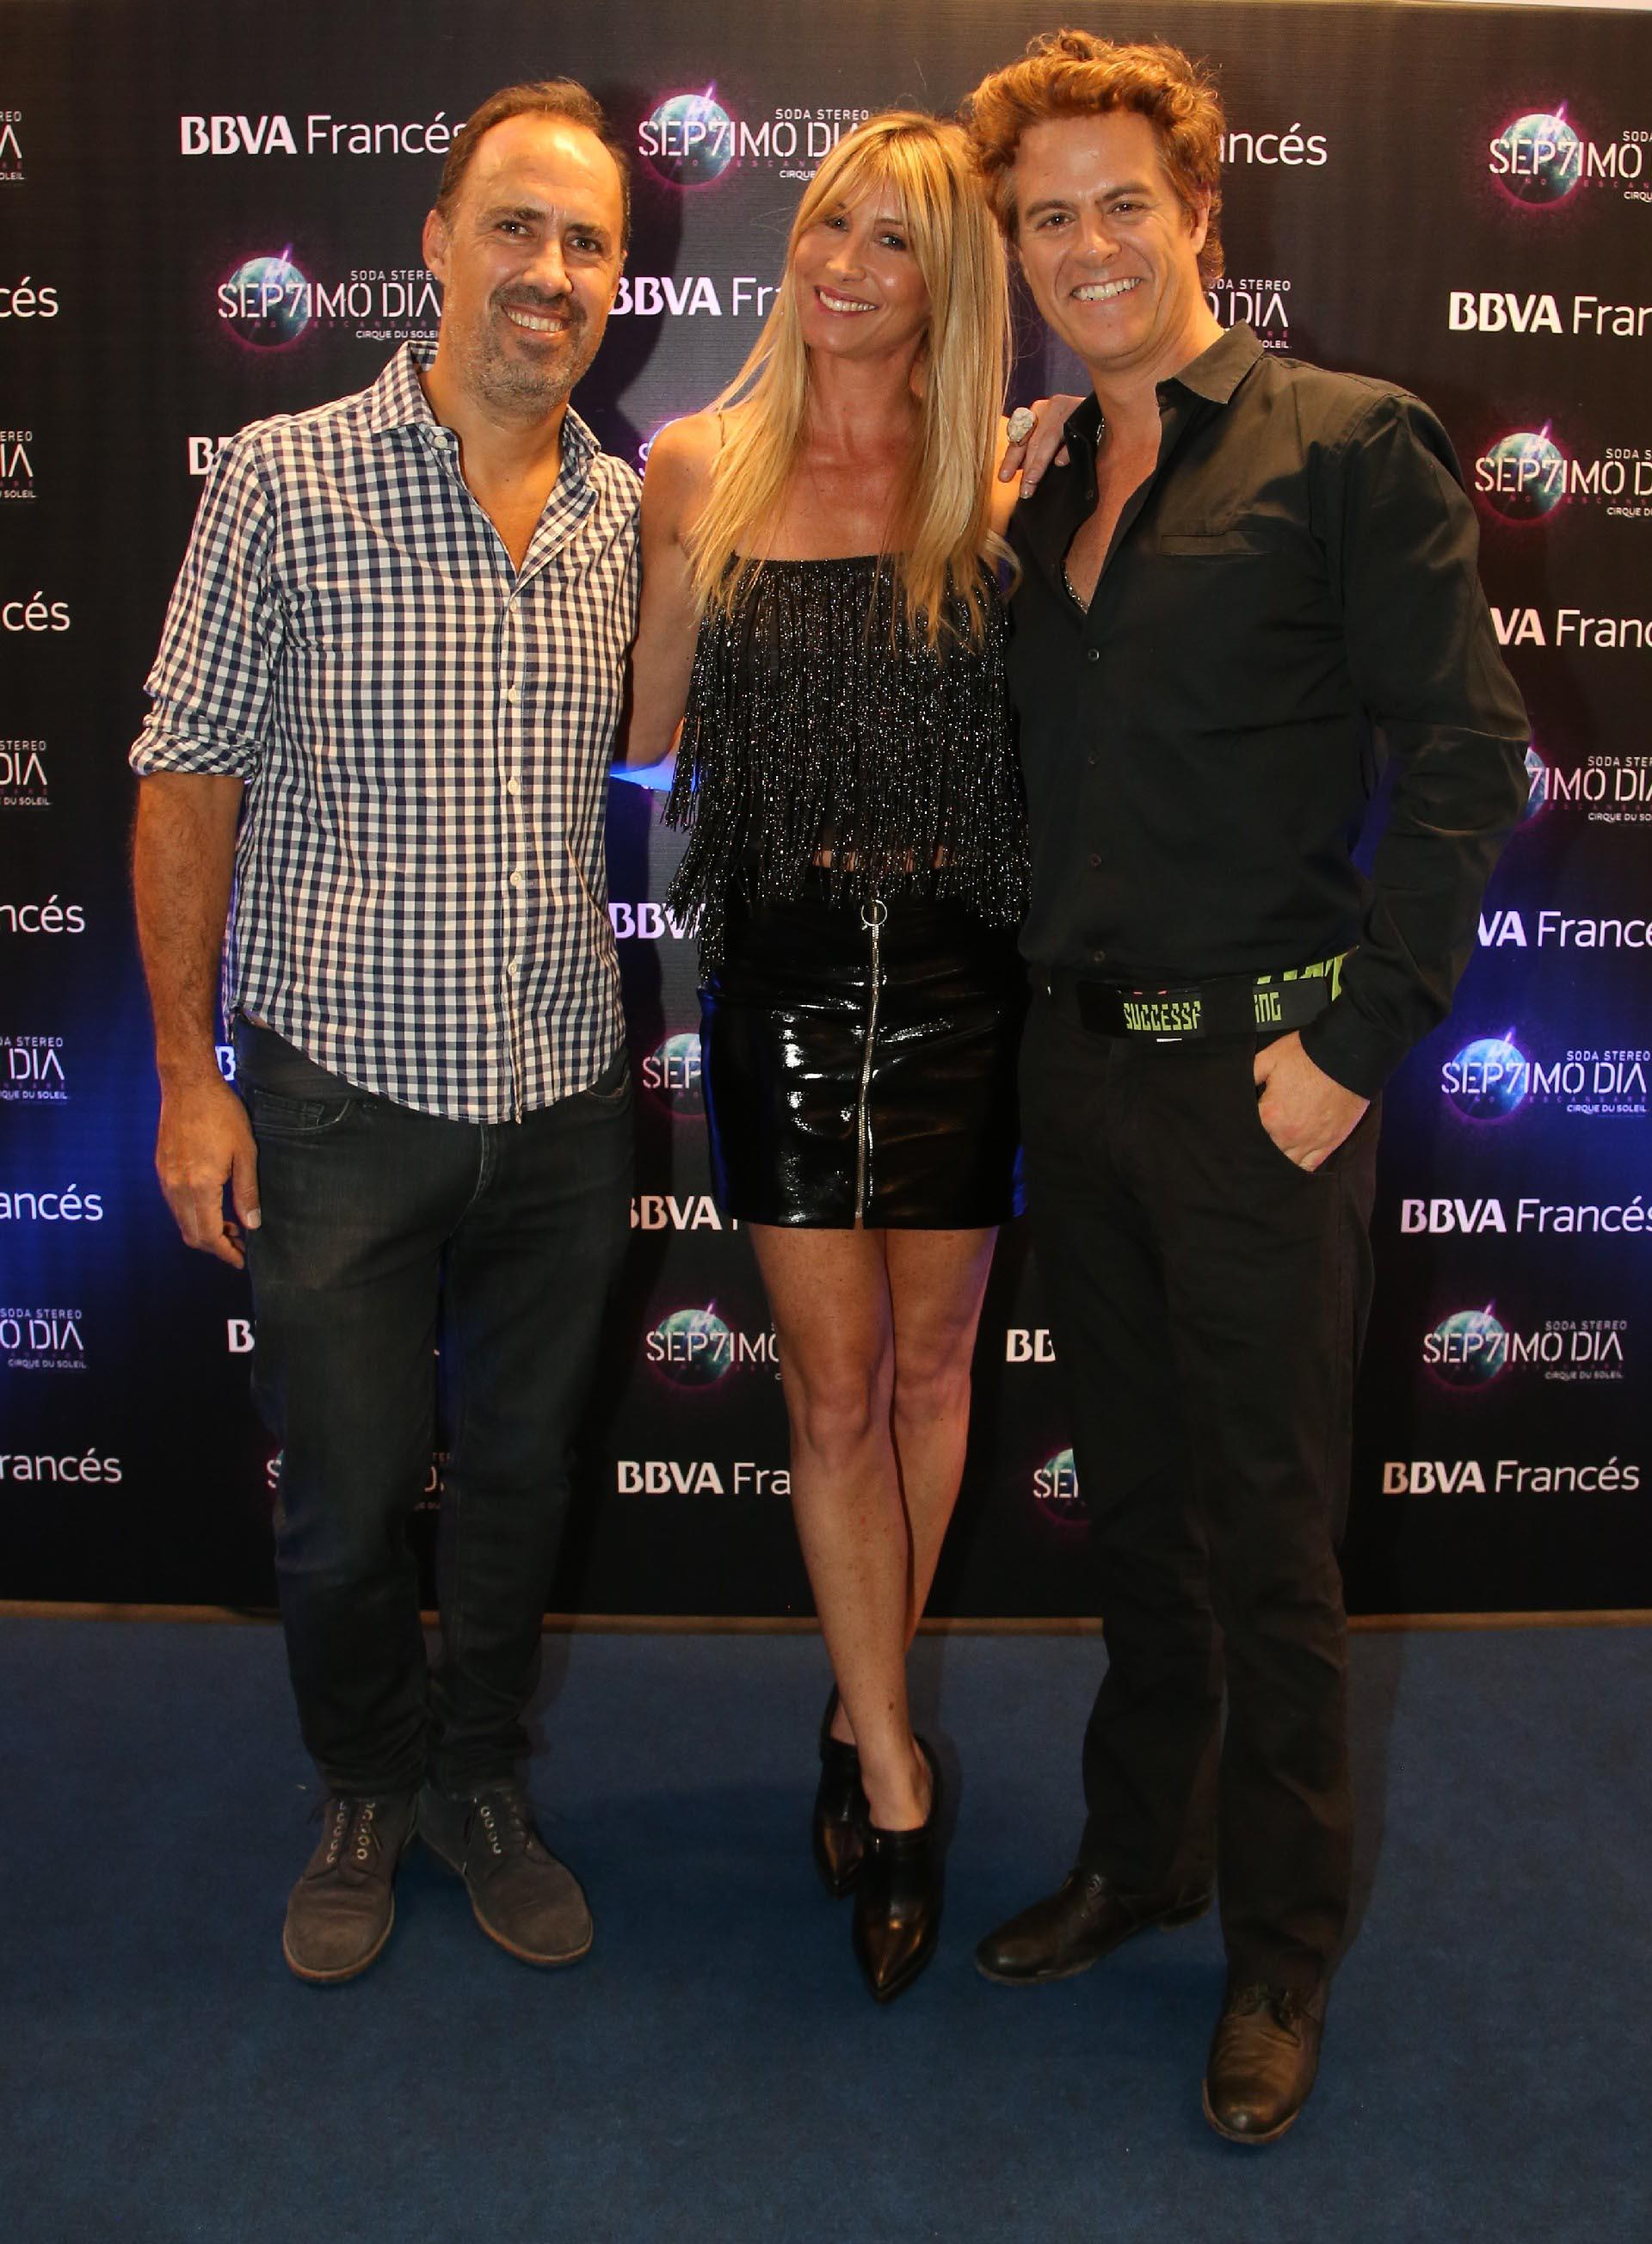 Charly Ronco, Soledad Solaro y Mike Amigorena /// Fotos: BBVA Francés y Nicolás Aboaf